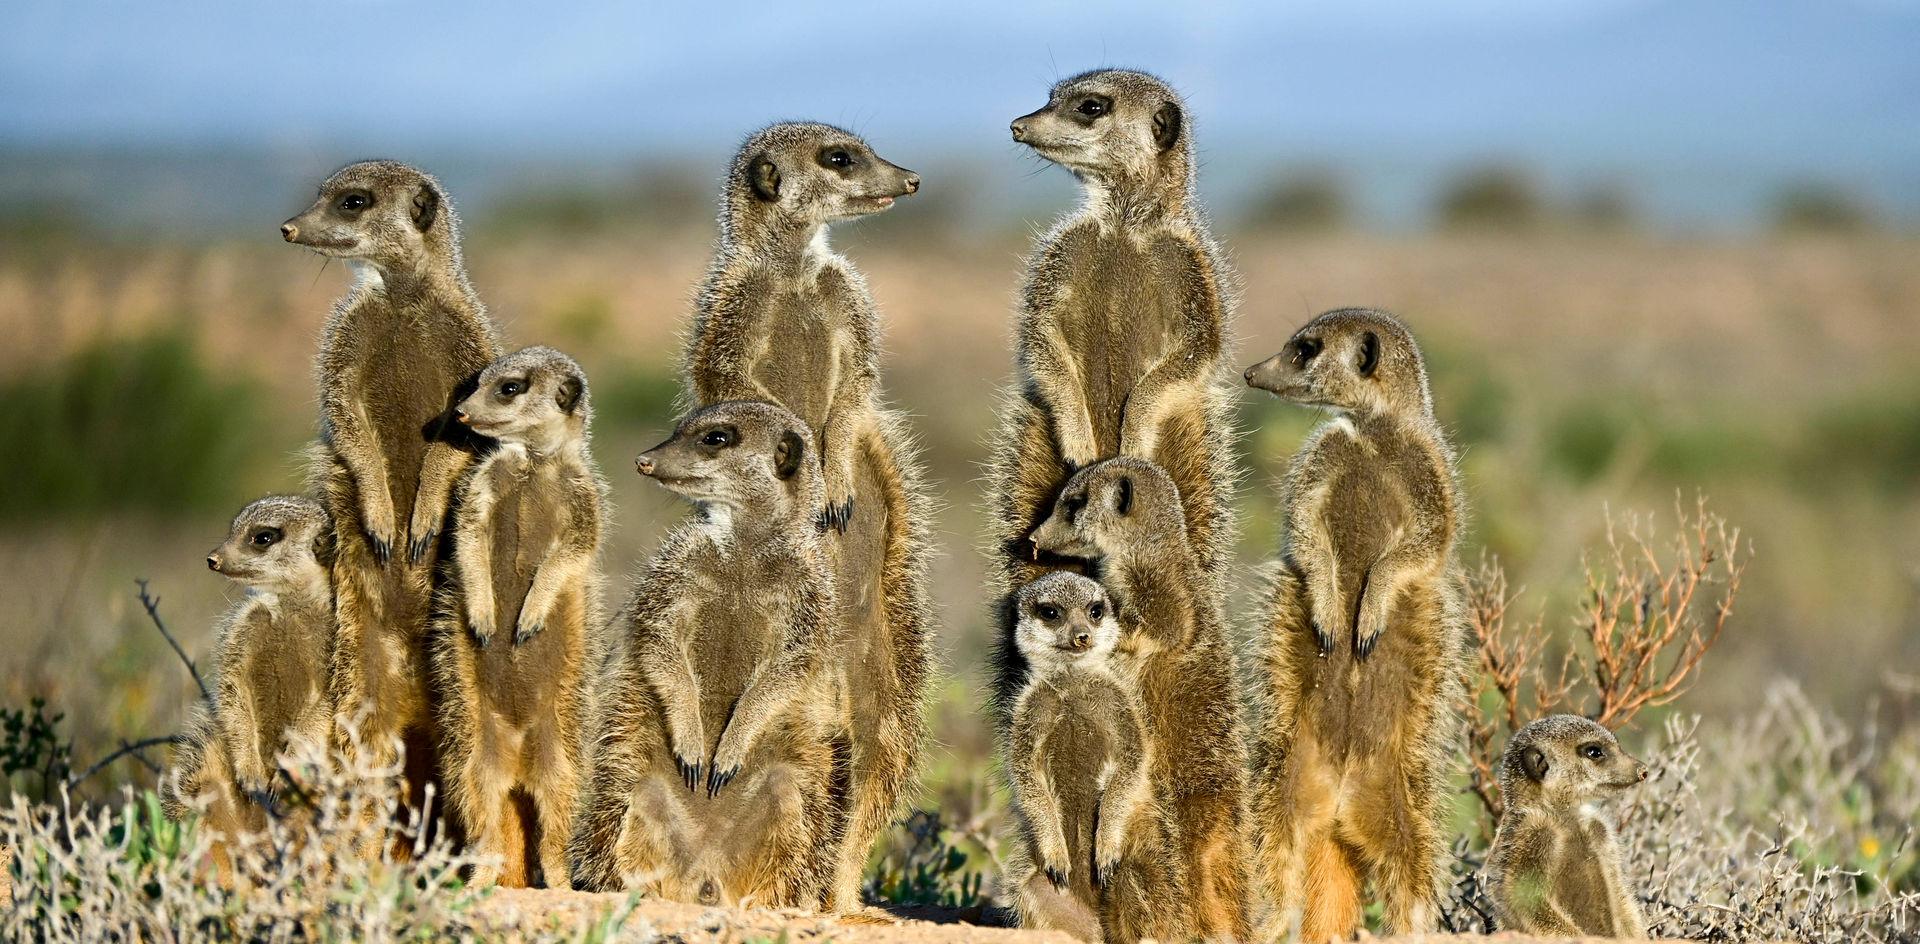 Meerkats in Oudtshoorn, Klein Karoo area of South Africa's Western Cape